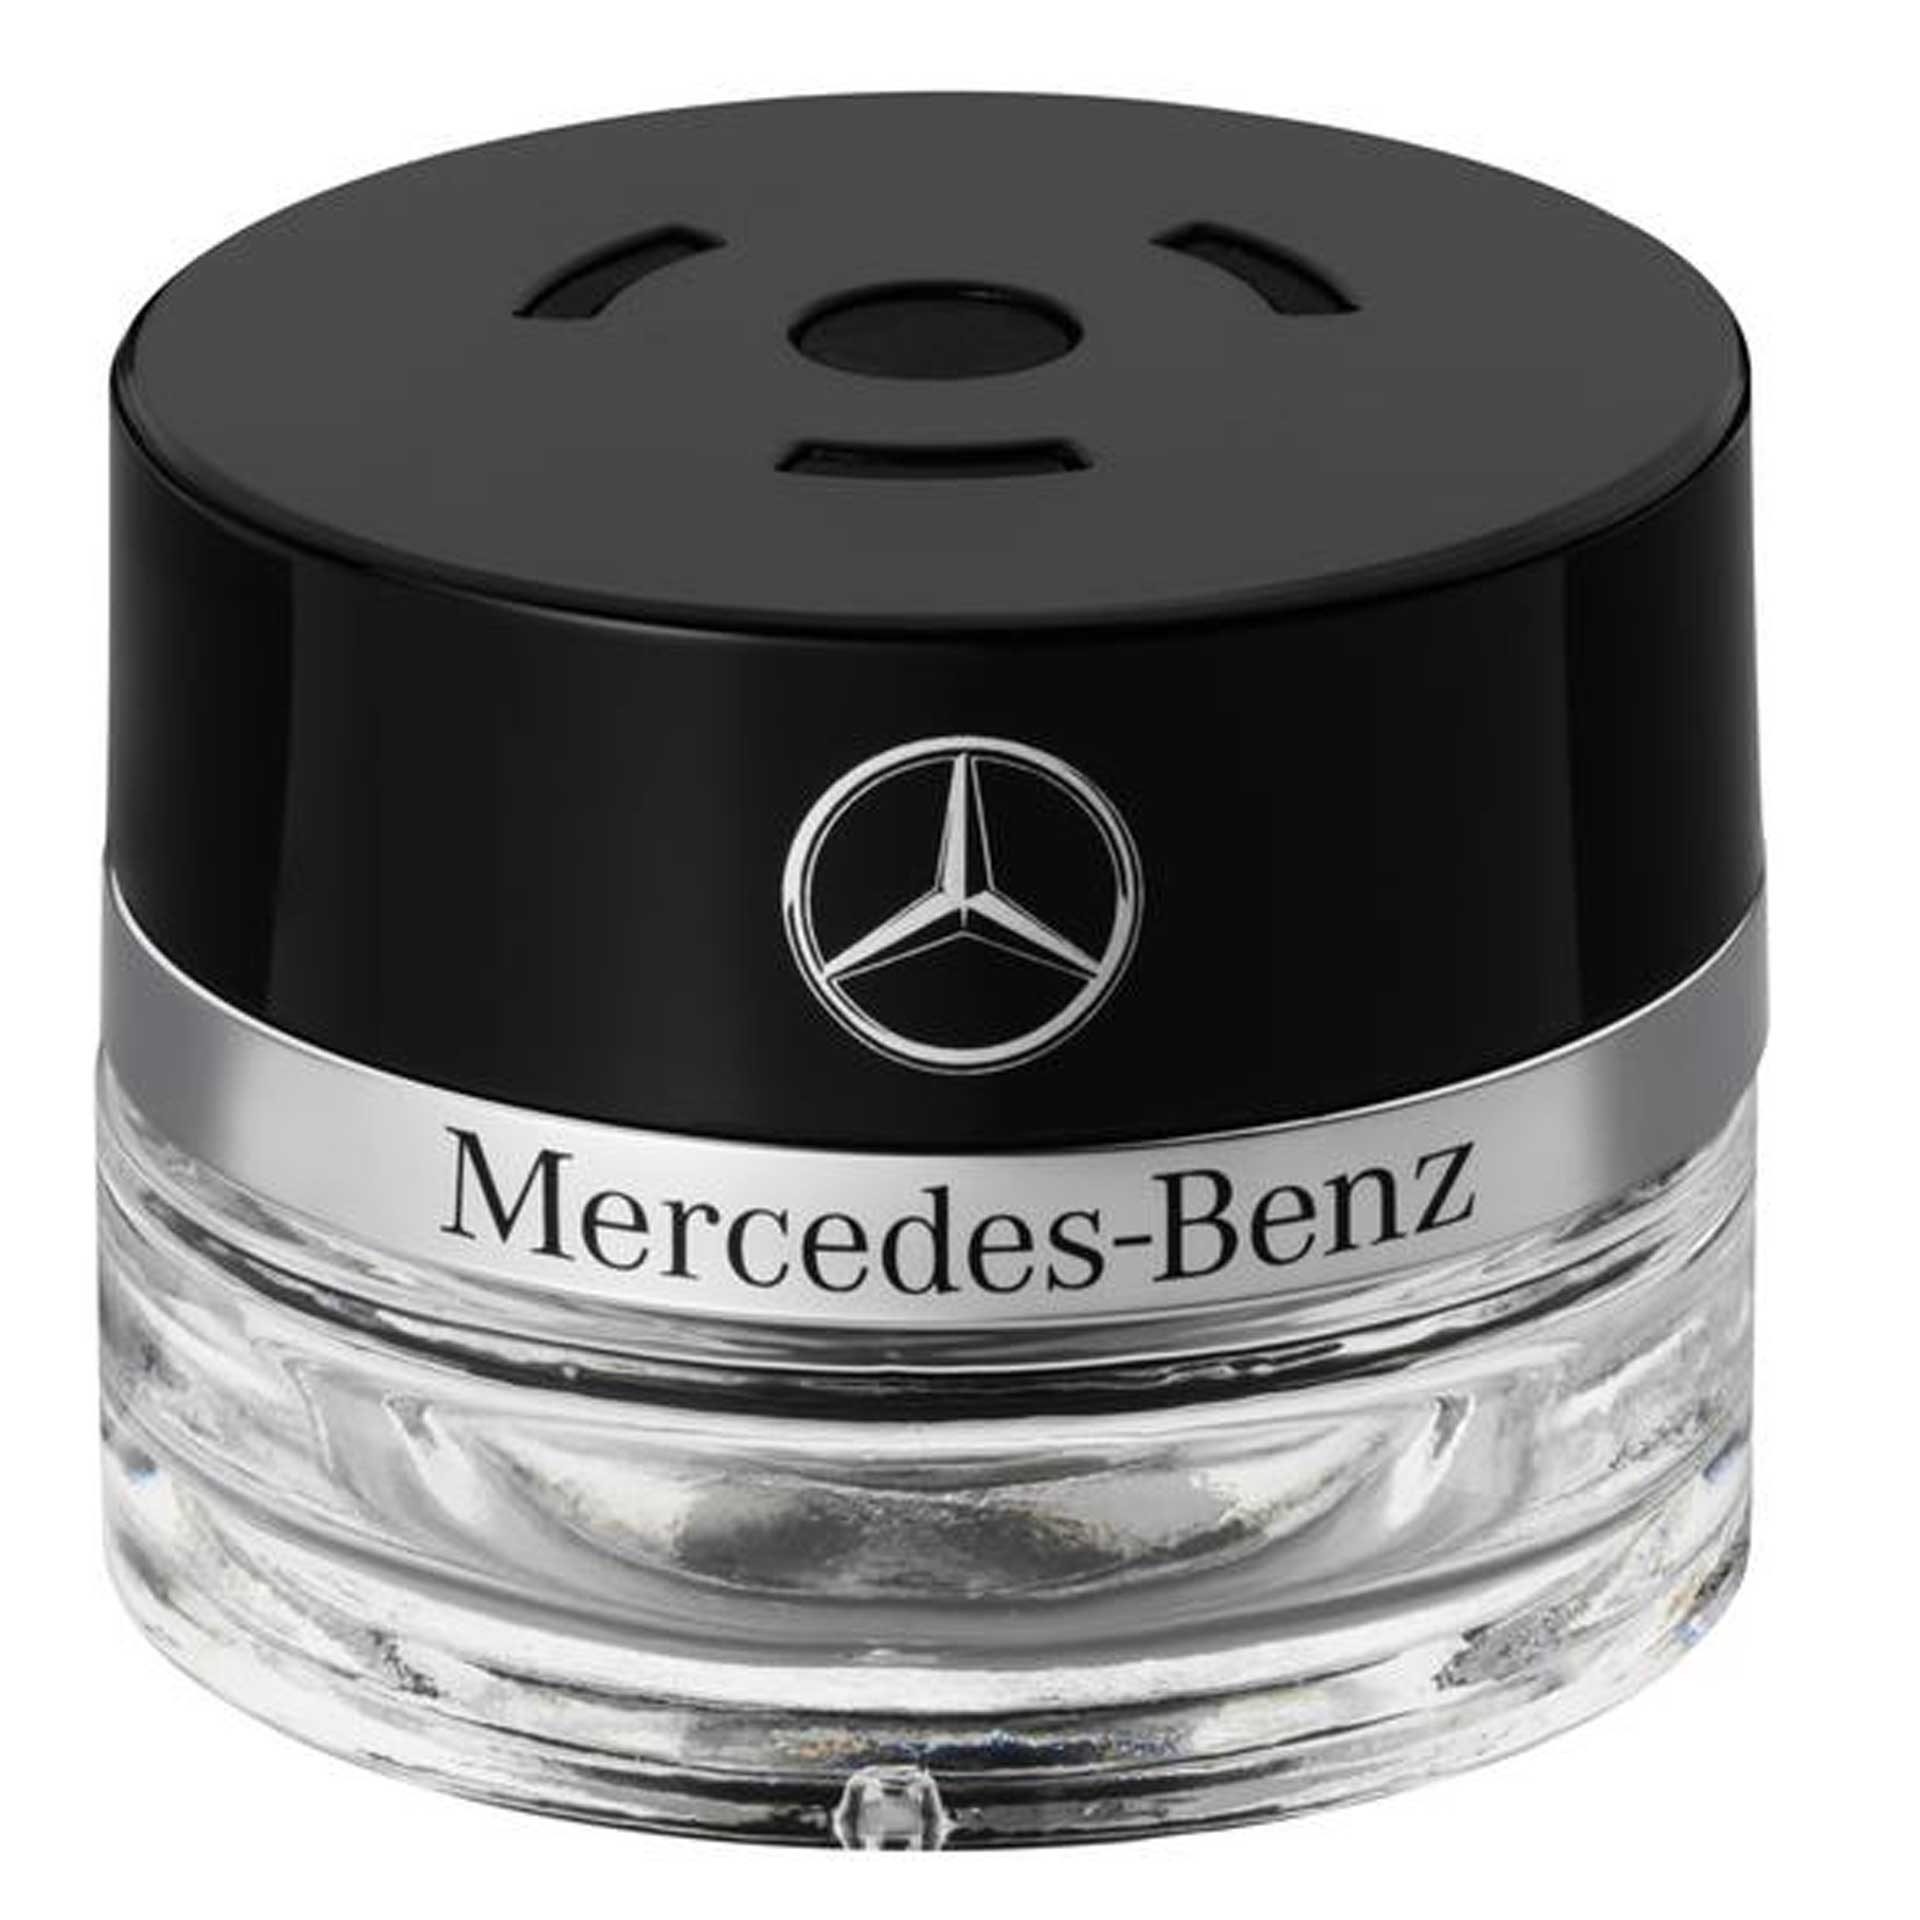 Mercedes-Benz Flakon leer zur Selbstbefüllung für AIR-BALANCE Paket